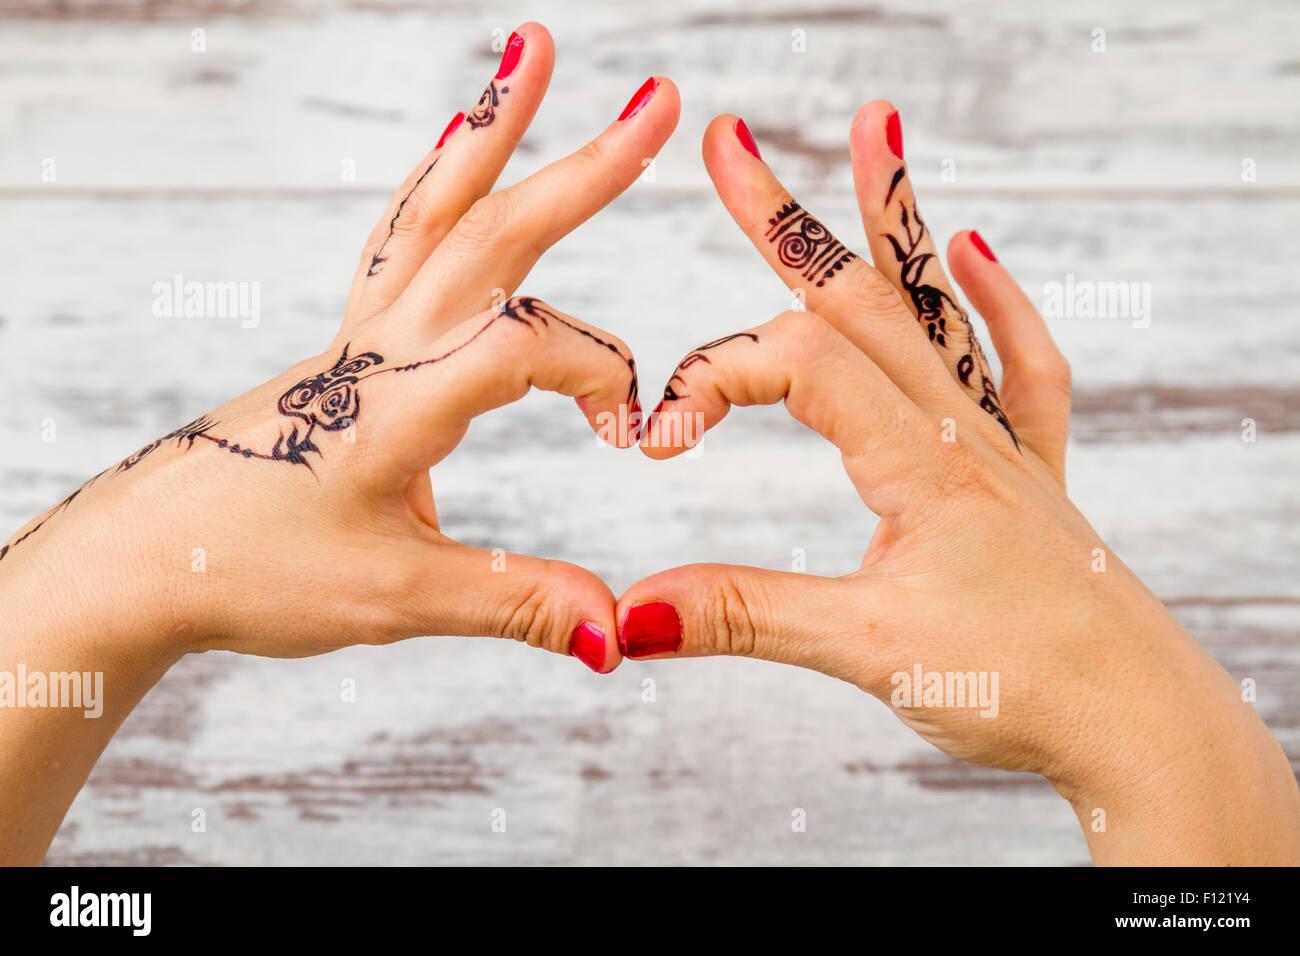 Frau Hände mit Nagellack lackiert mit schwarzen Henna tun Herz Geste ...